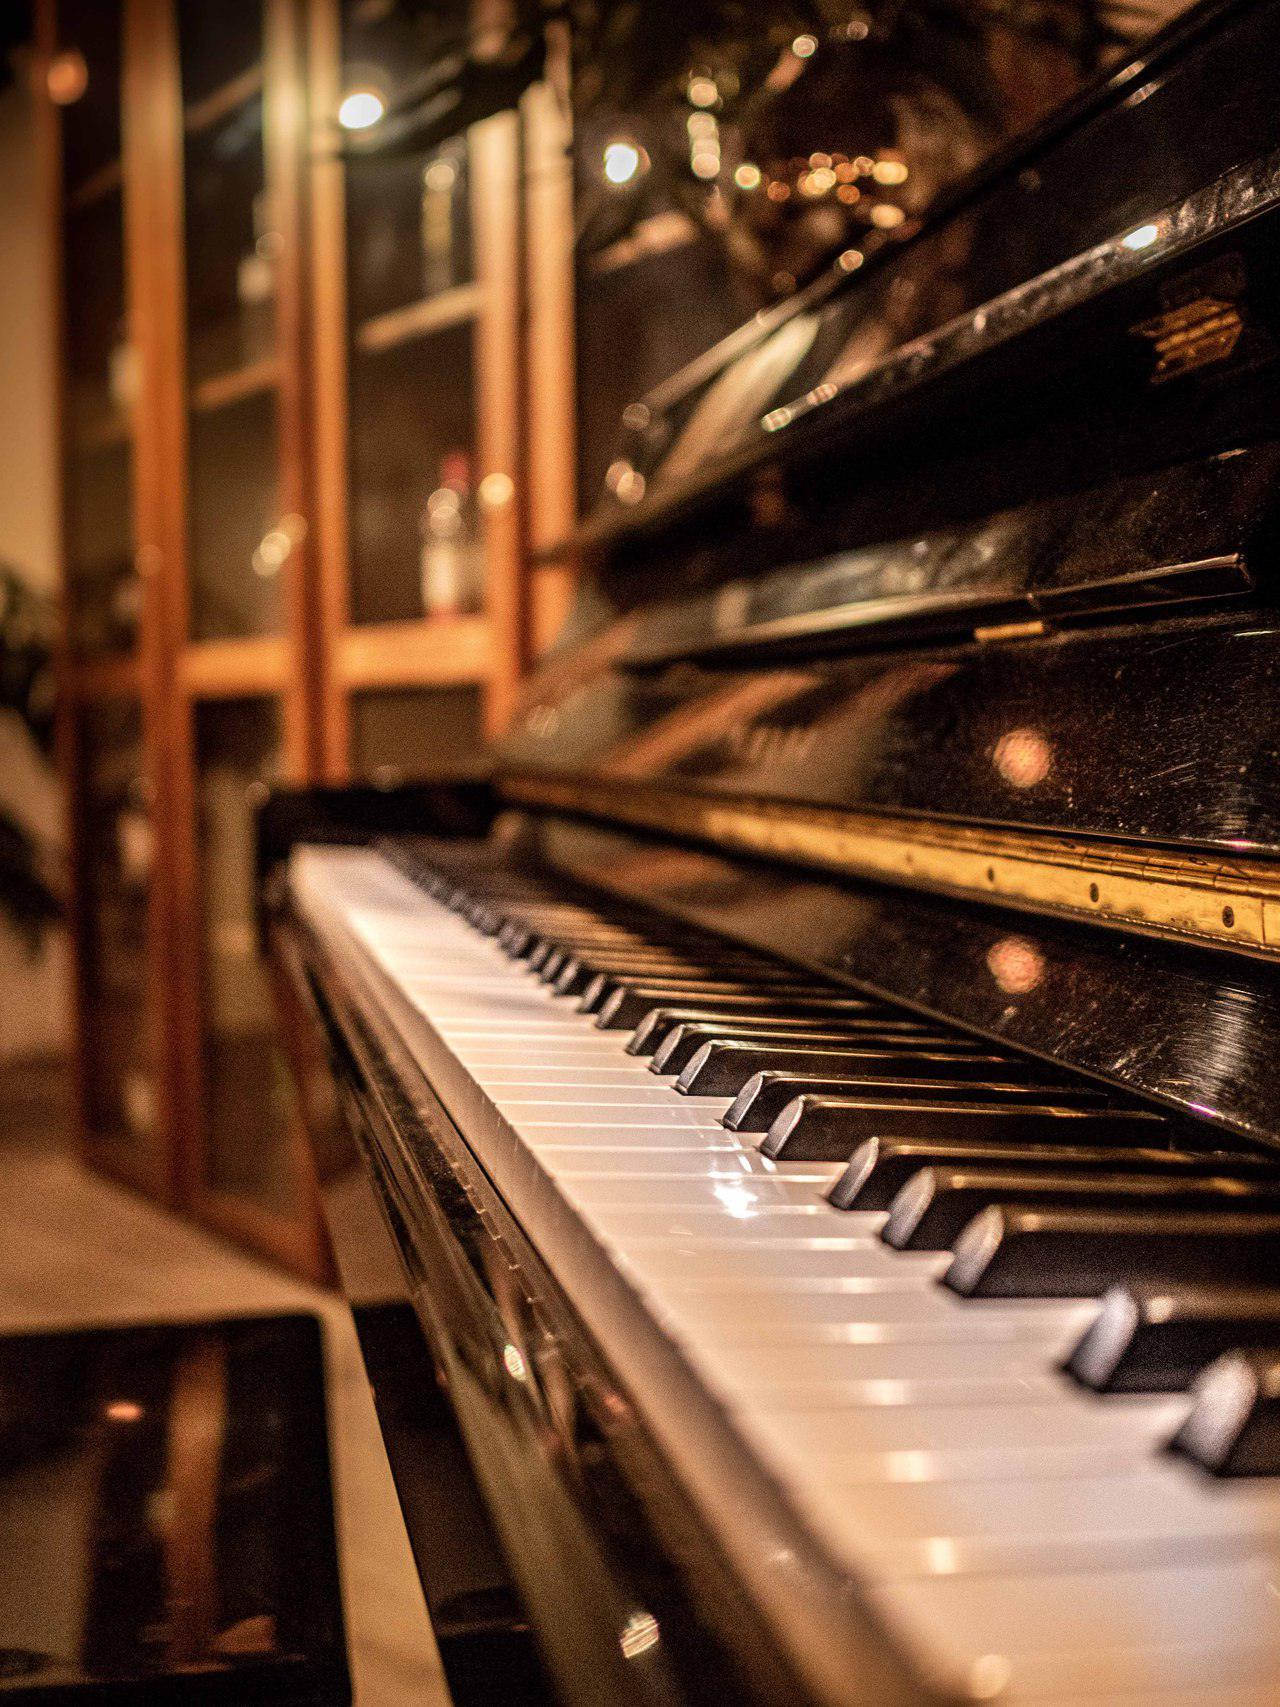 Léo il vient quand jouer du piano?